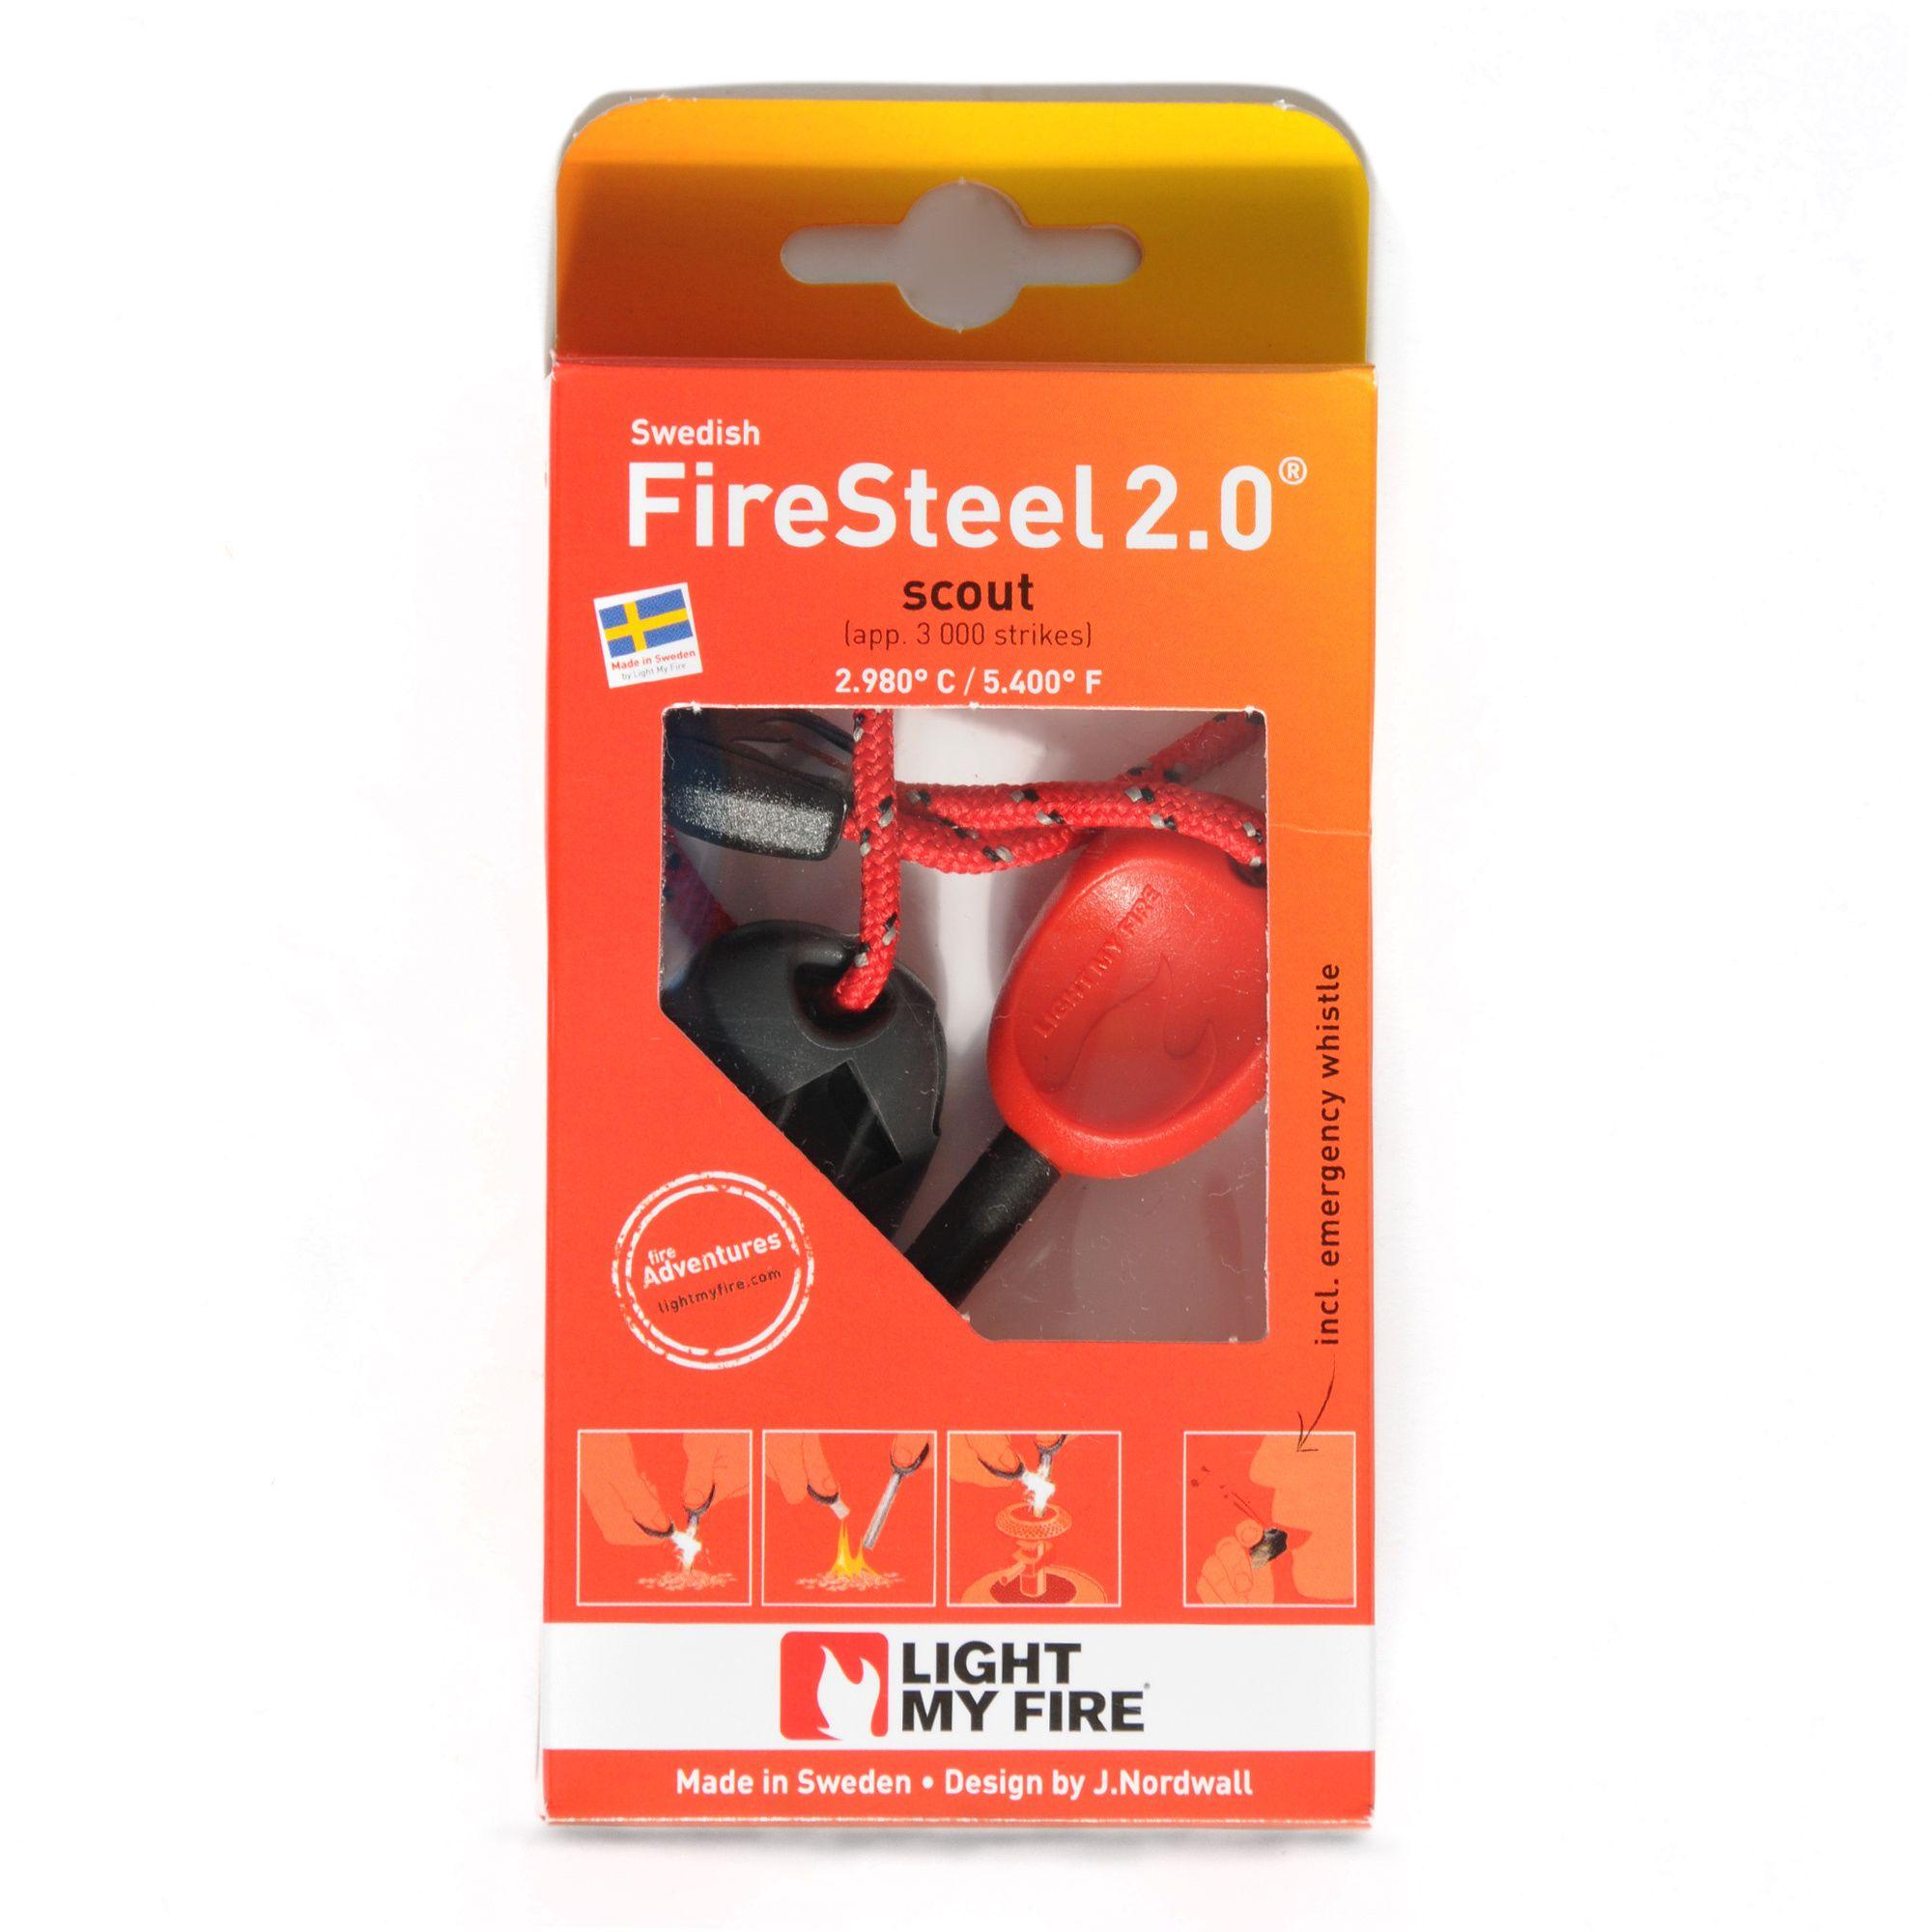 LIGHT MY FIRE Swedish FireSteel 2.0® Scout Fire Starter